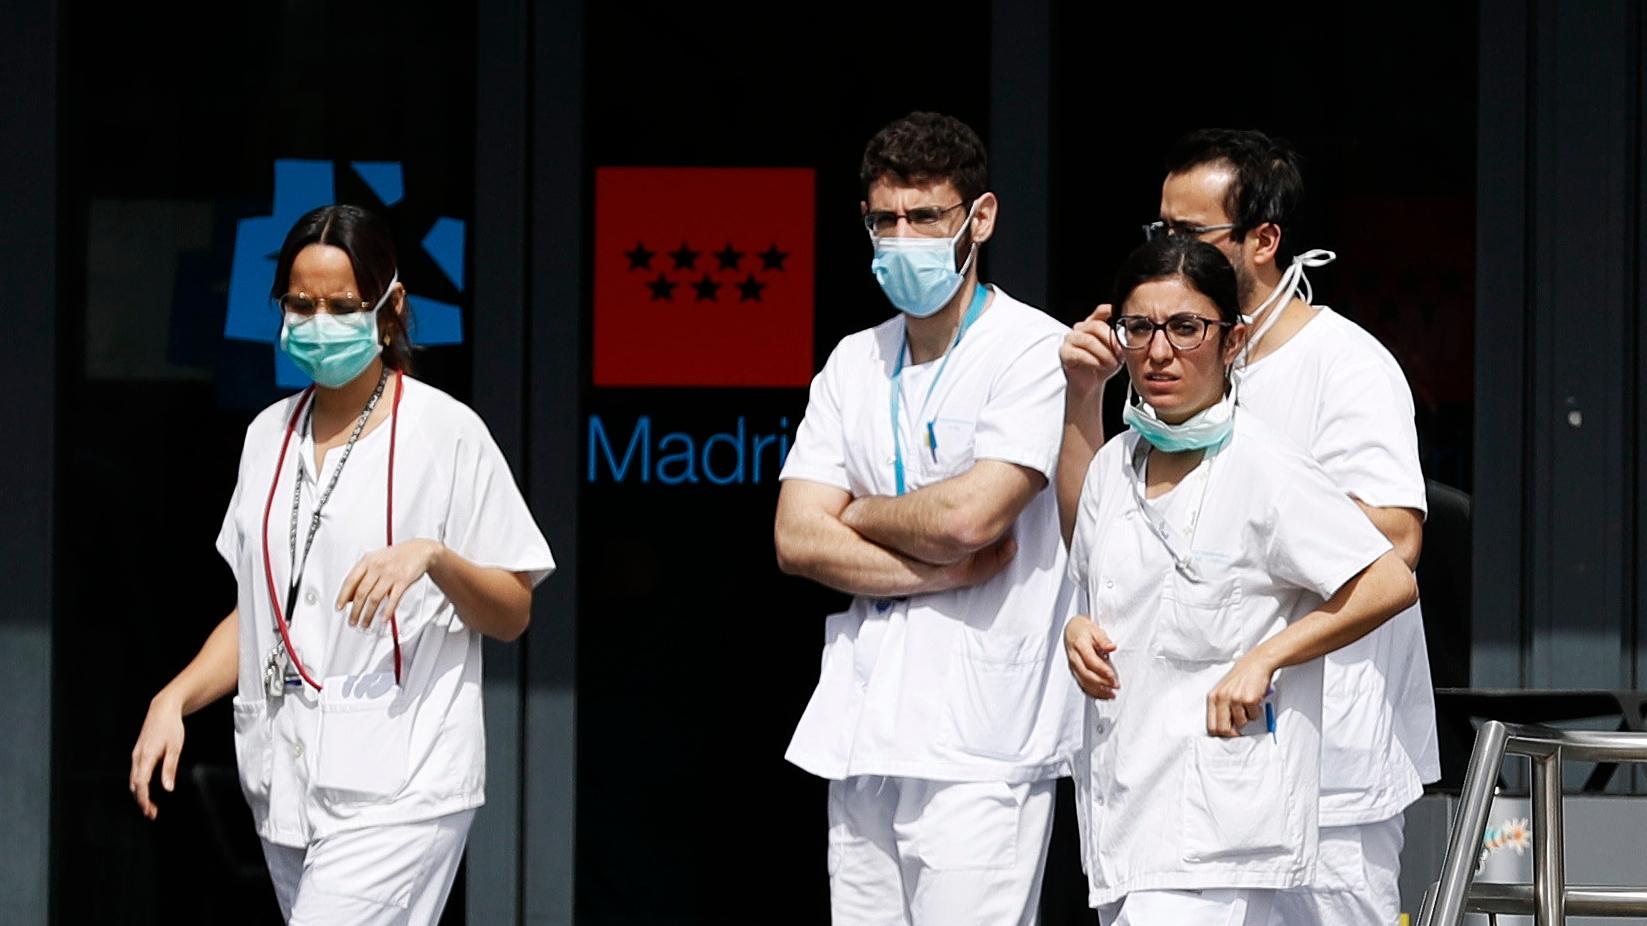 Perú autoriza contratar médicos extranjeros para combatir brote del coronavirus